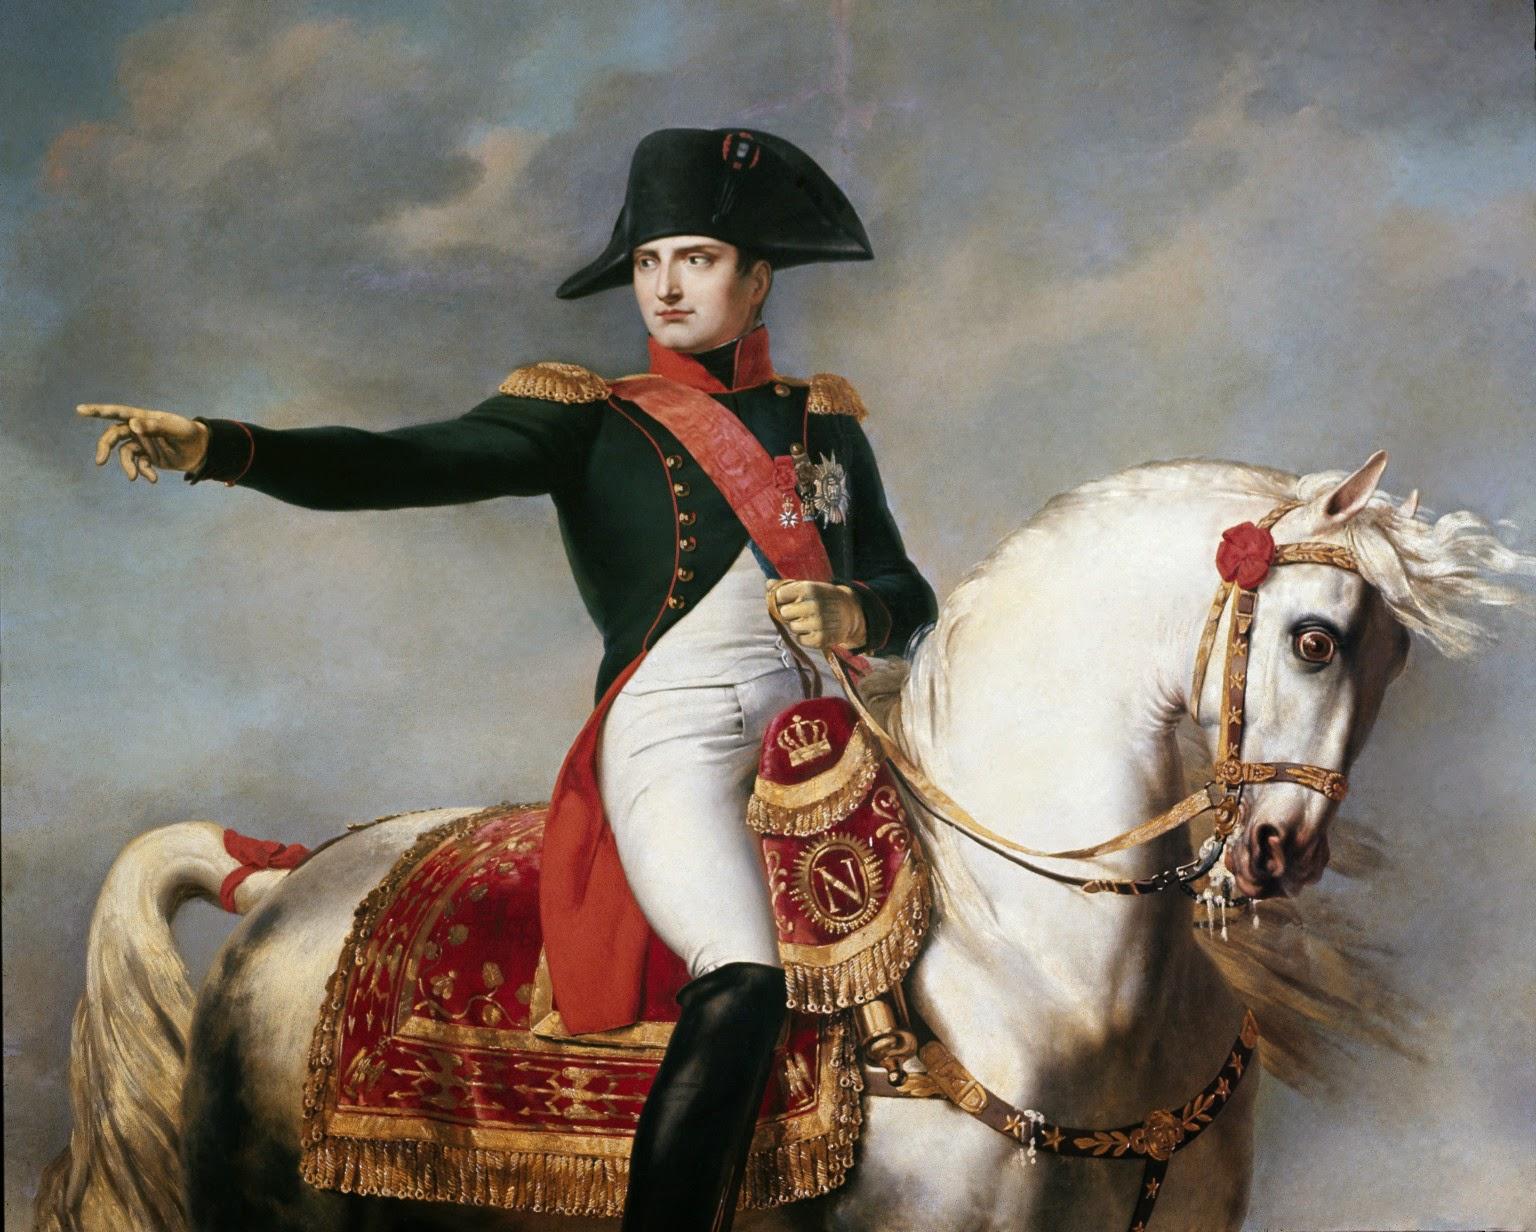 Un día como hoy en la historia judía, Napoleón Bonaparte conquistó Gaza y la ofreció como patria judía